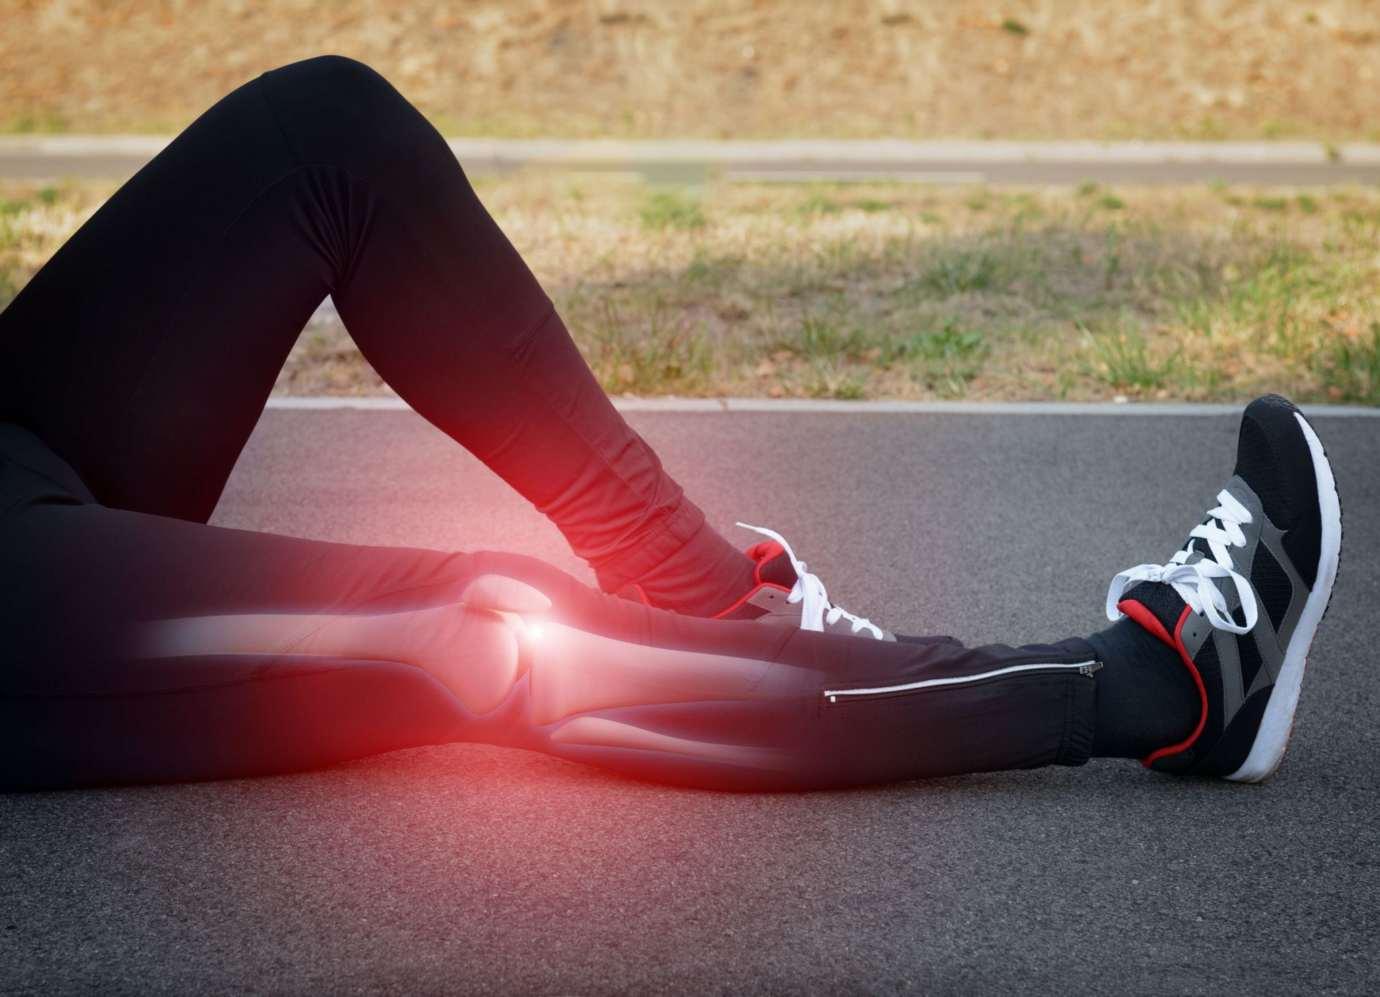 cc Bóle stawów - co możemy robić, aby im zapobiec?